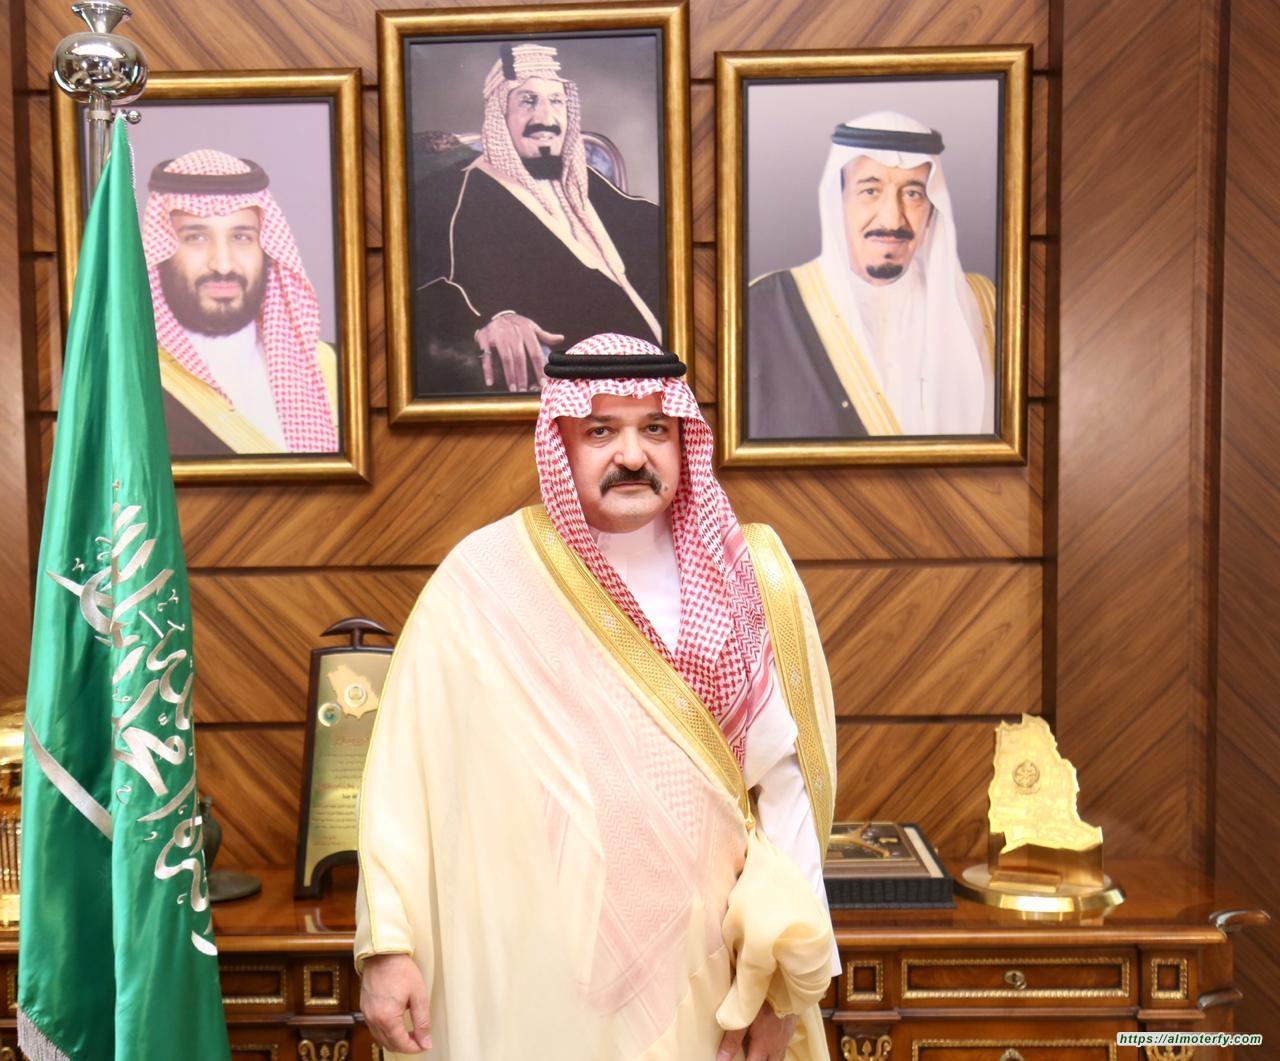 الأمير مشعل بن ماجد : الملك سلمان صنع تنمية شاملة ورسخ مكانة المملكة في مصاف الدول المتقدمة